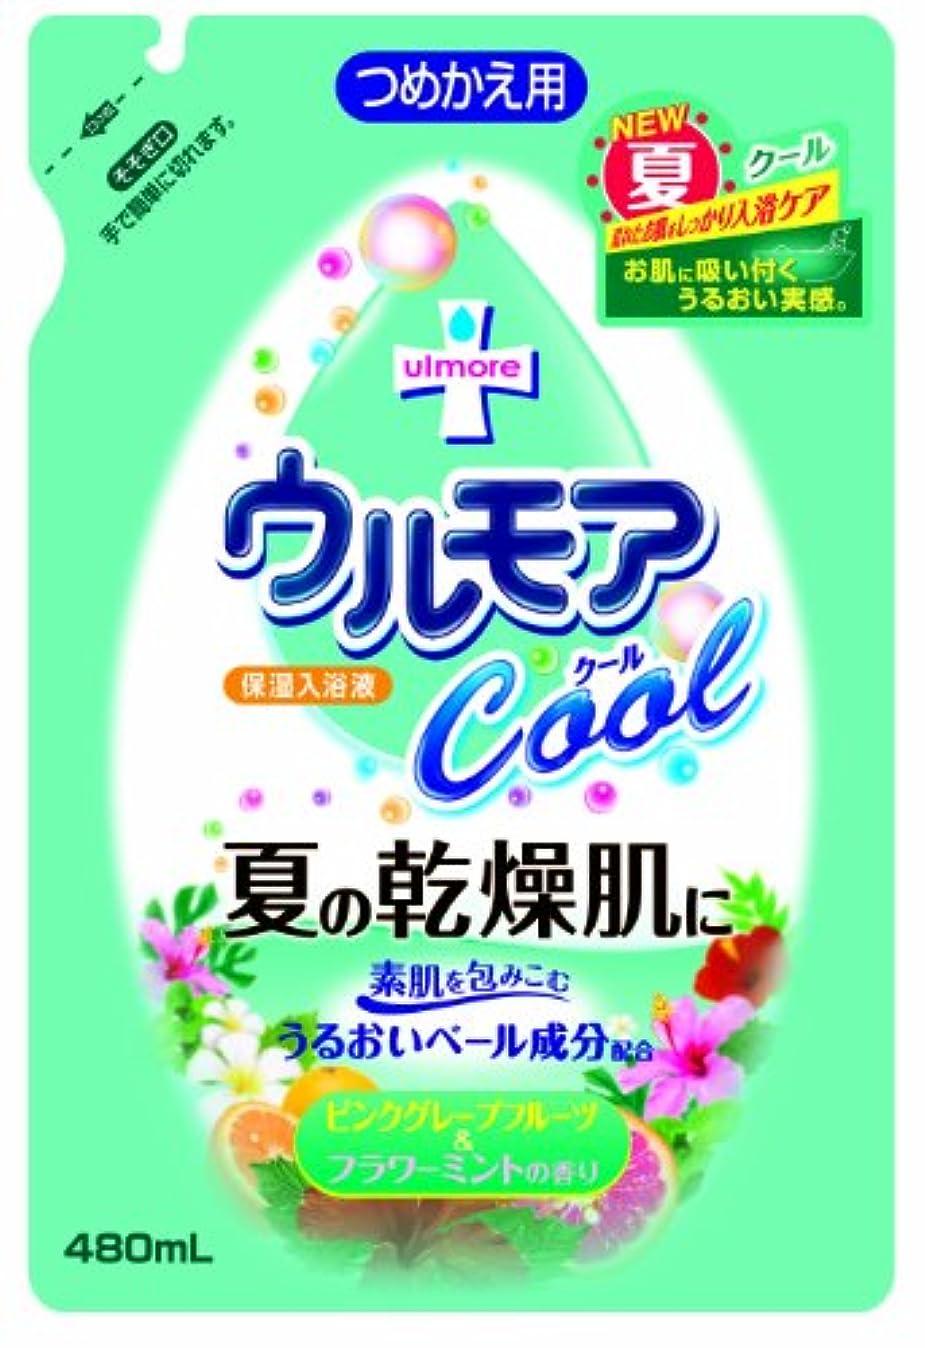 本世紀インディカアース製薬 保湿入浴液ウルモアクール 替 ピンクグレープフルーツ&フラワーミントの香り 480mL